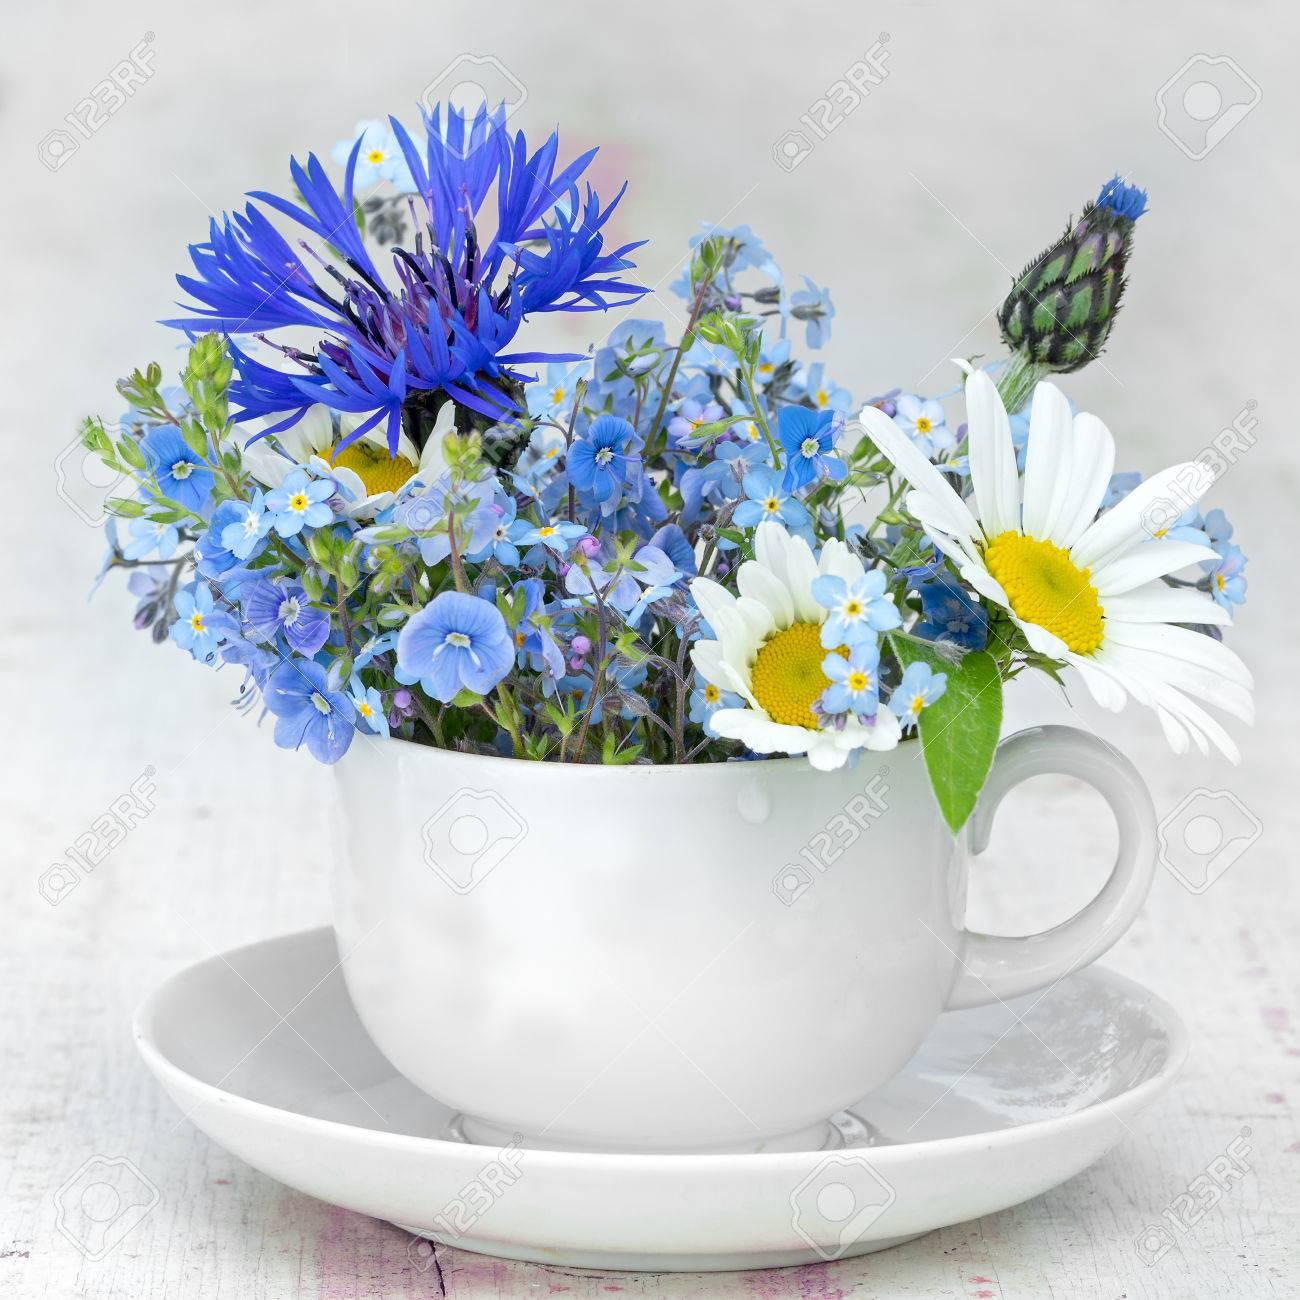 Tazza Di Caffè Bianco E Piattino Con Un Mazzo Di Fiori Selvatici Non Dimenticarmi Fiore Di Mais E Camomilla Composizione Quadrata Copia Spazio Per